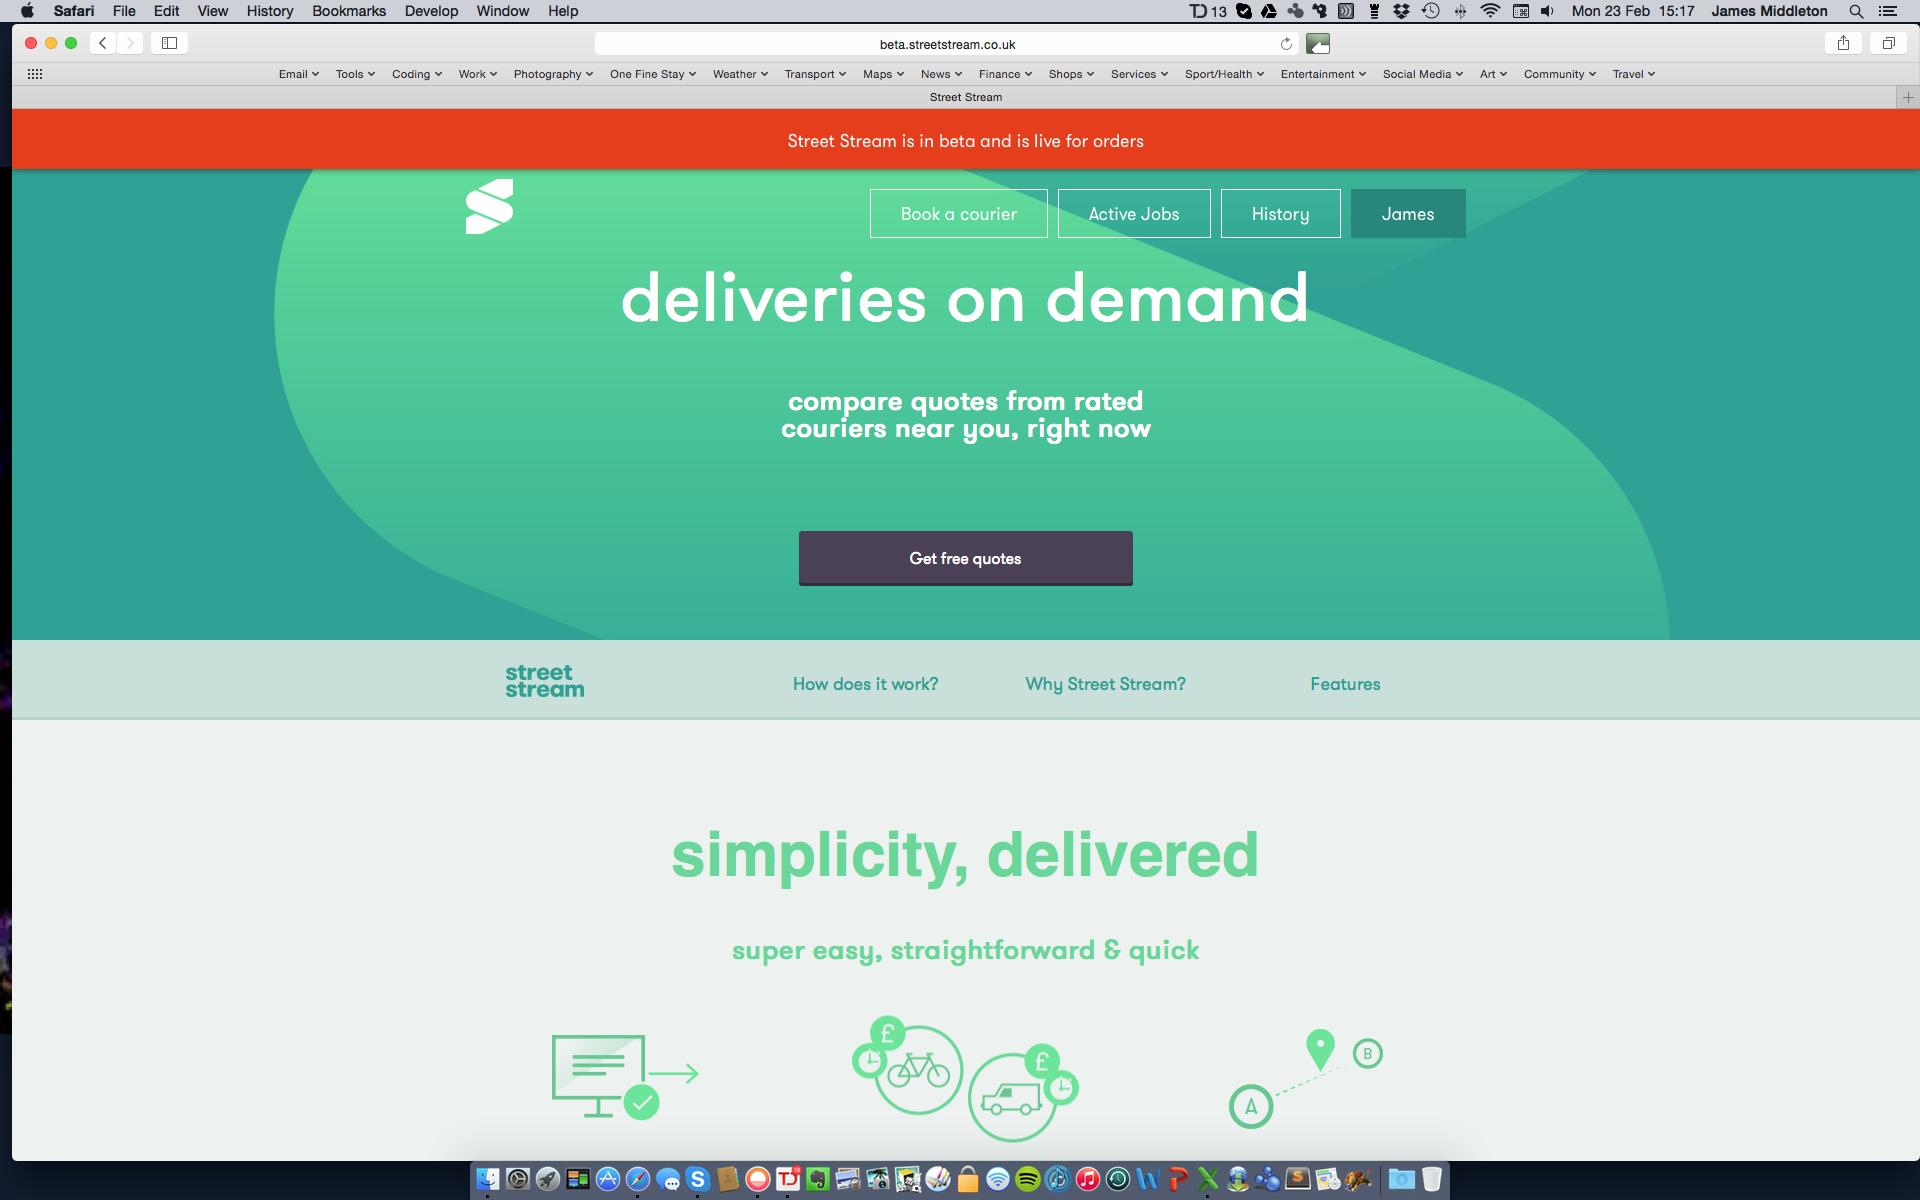 StreetStream homepage